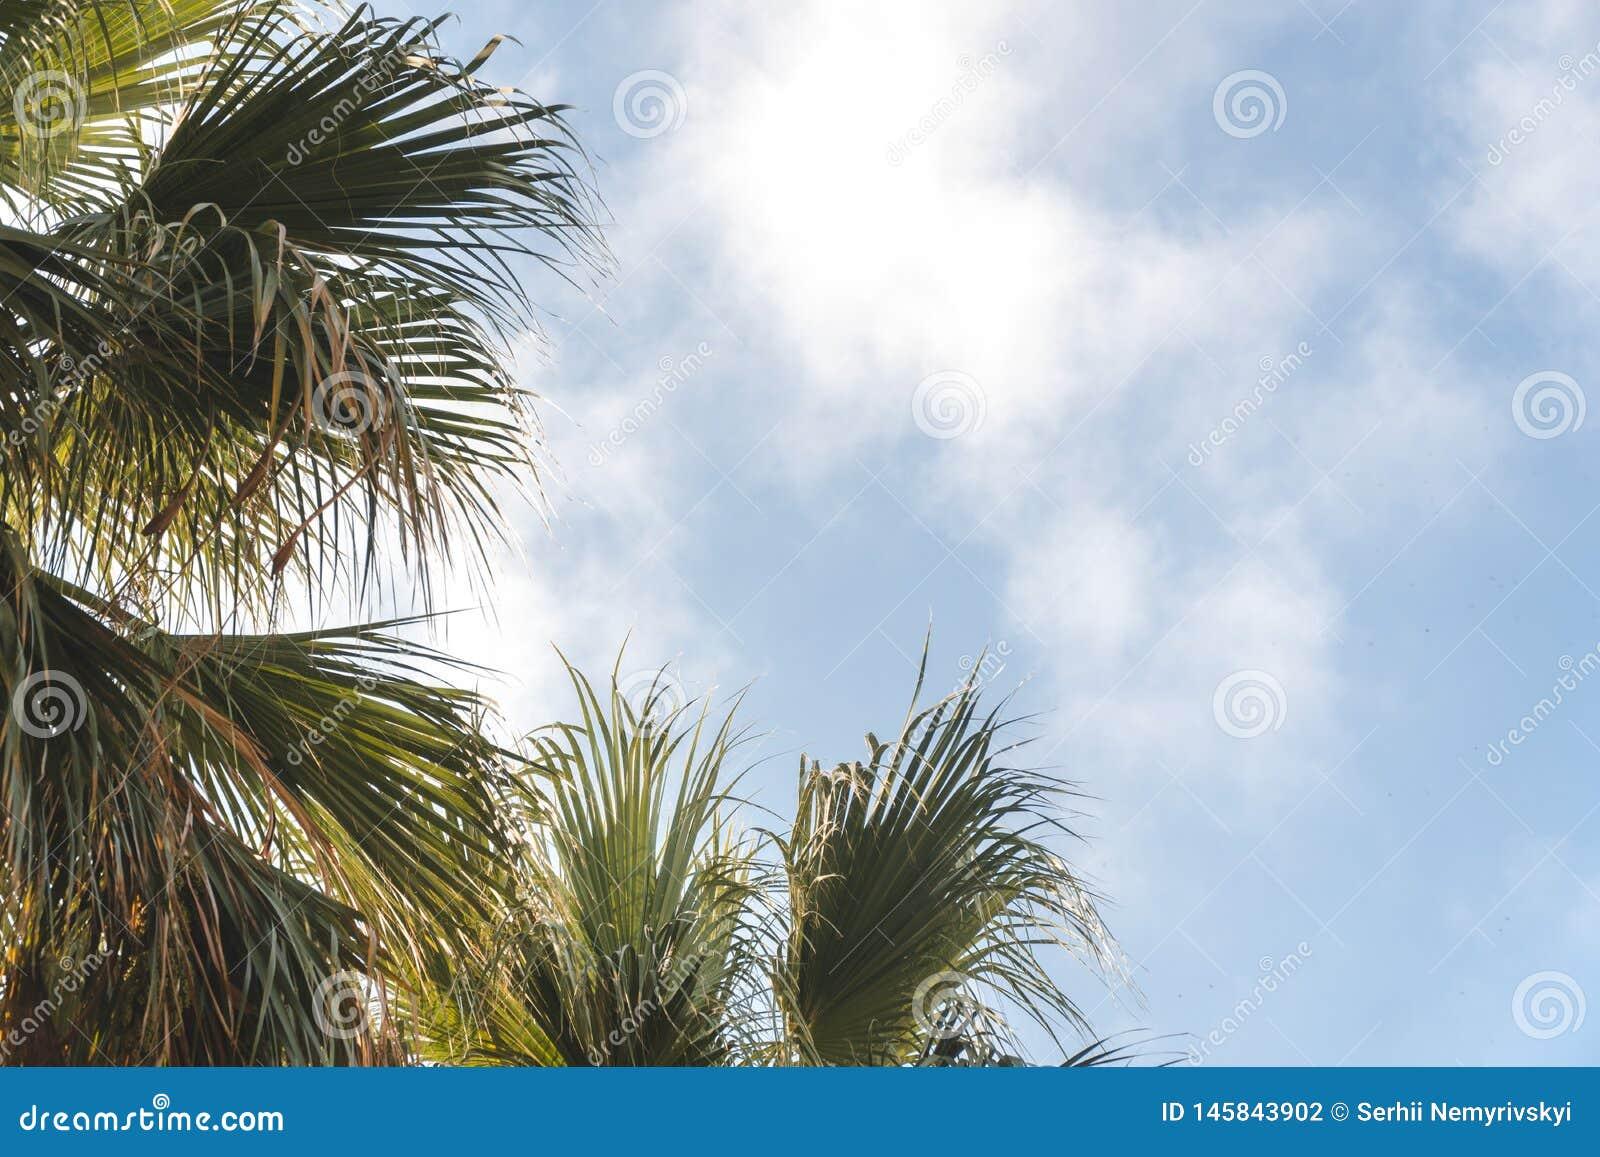 Drzewka palmowe w tropikalnym kurorcie przy pi?knym s?onecznym dniem Wizerunek tropikalny wakacje i pogodny szcz??cie skud?acenia